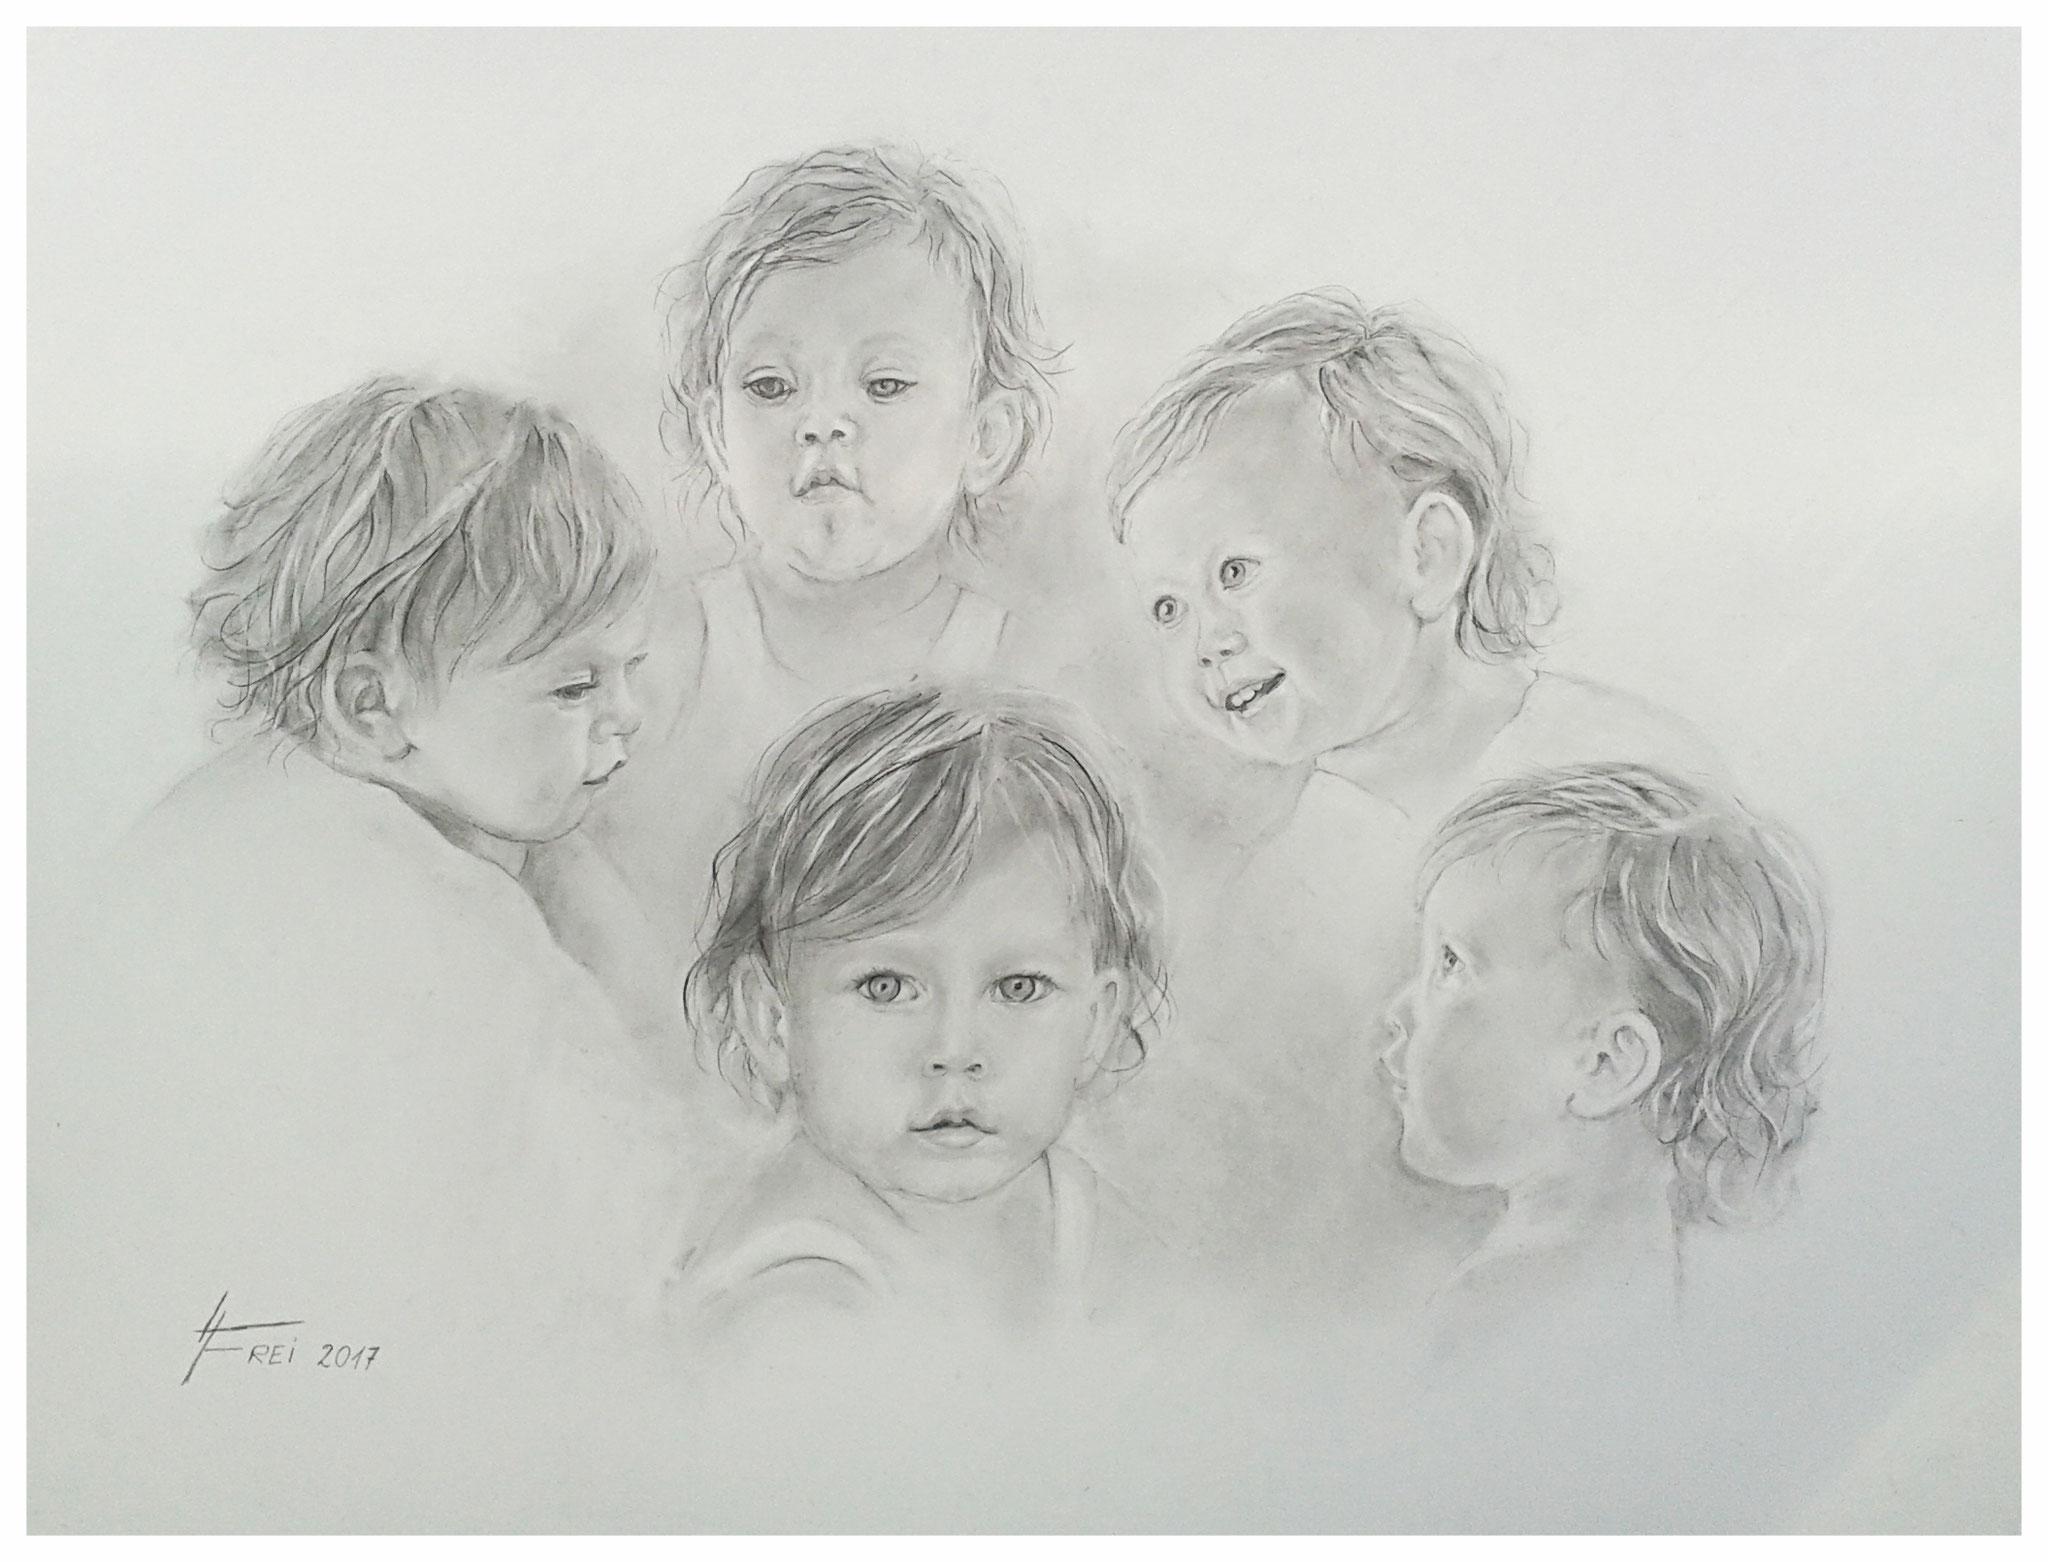 ART HFrei - Portraitstudien eines Kleinkindes